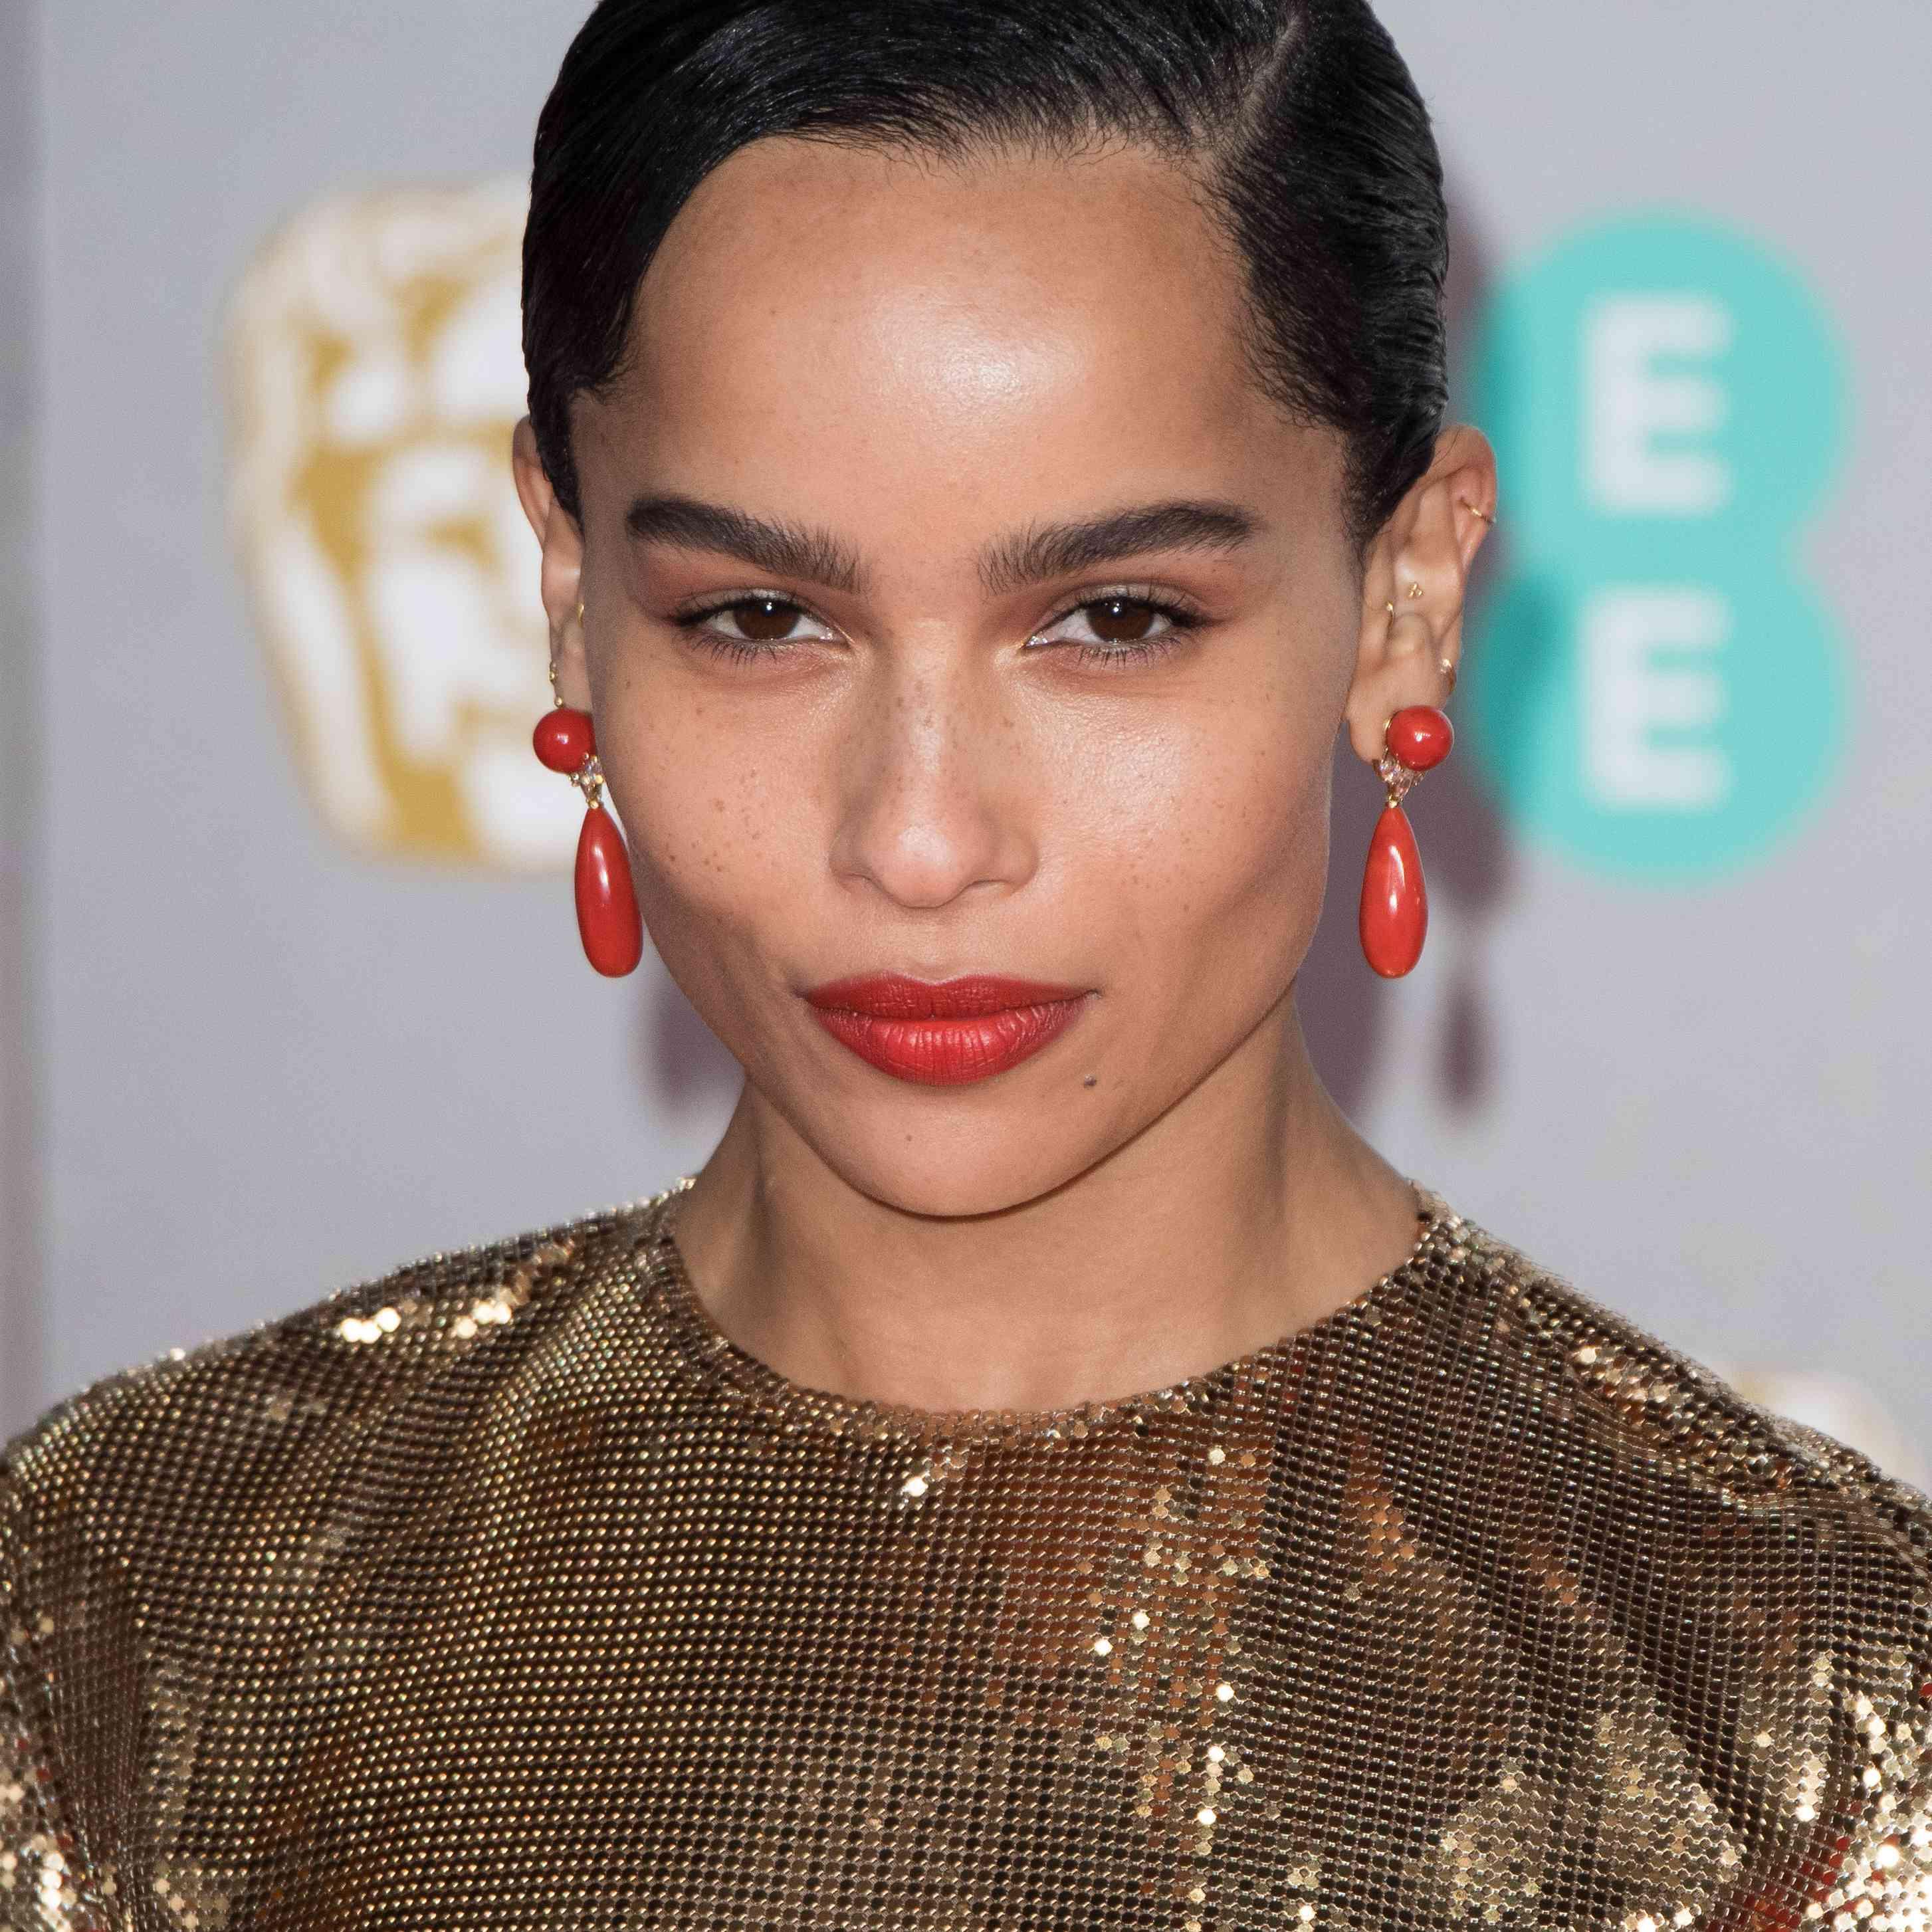 Zoe Kravitz EE British Academy Film Awards 2020 - Red Carpet Arrivals